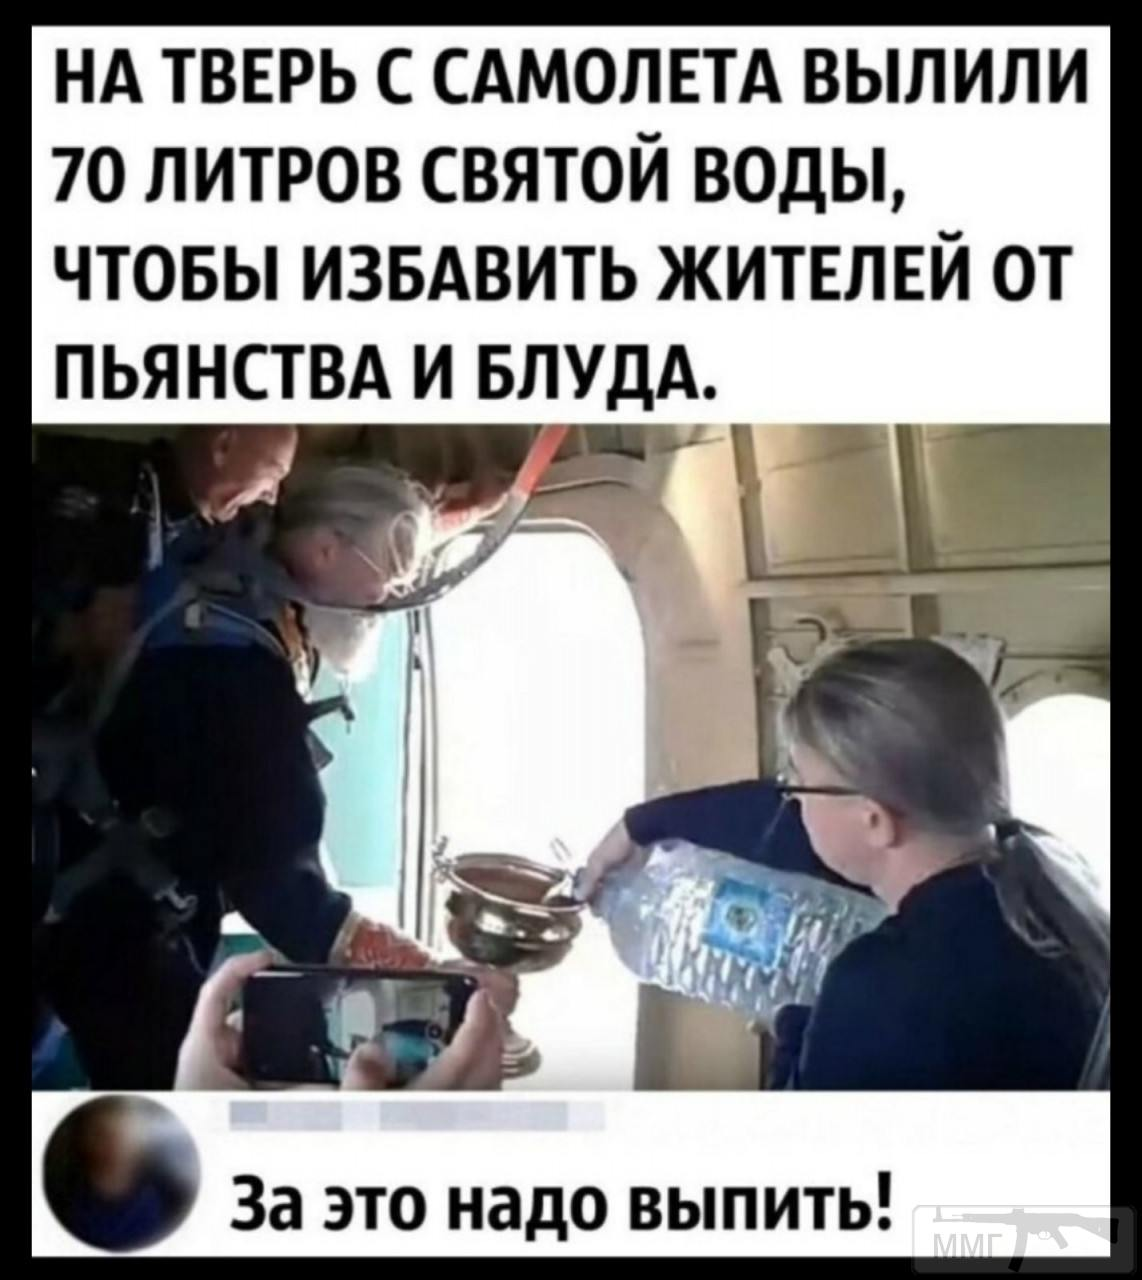 106873 - Пить или не пить? - пятничная алкогольная тема )))